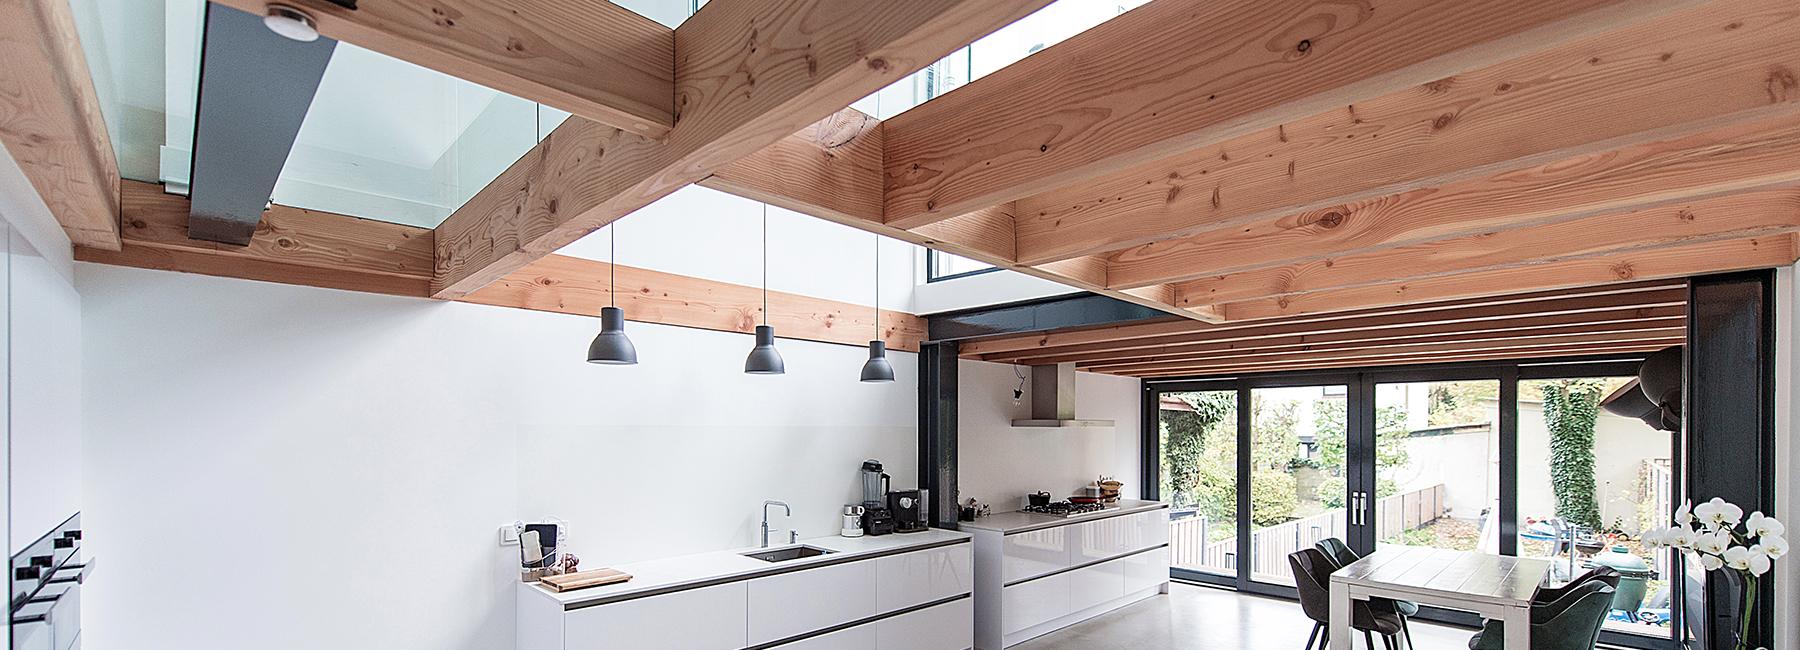 来自于荷兰的建筑工作室BLOOT对地下室进行延伸,因此已有的厨房空间就变成了一个更为宽敞的家庭厨房,能清楚地看到后花园的景色。悬浮的阳台与上面提到的空间相连接,更加强化了这种联系。你可以坐在悬浮阳台上,喝杯咖啡悠闲地度过属于你的时光。开放的客厅因为新的厨房显得非常宽敞。